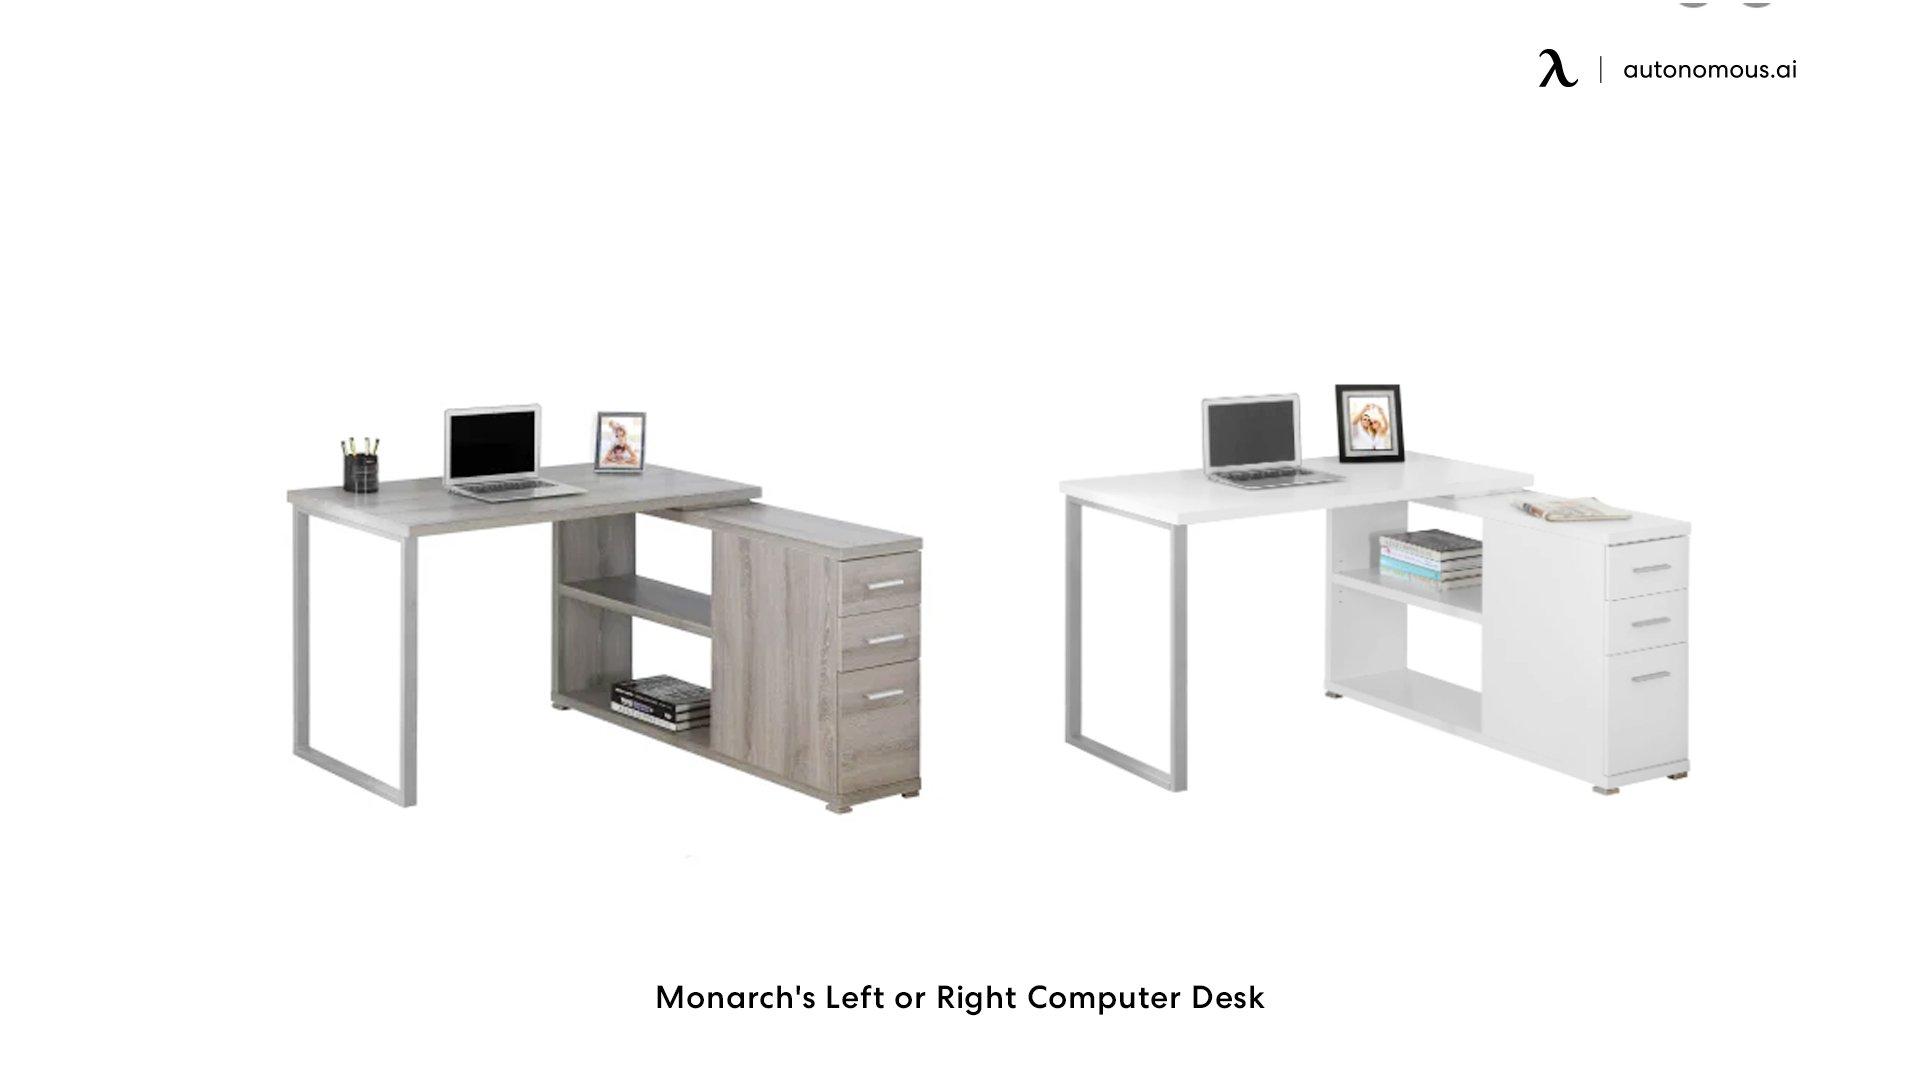 Monarch's Left or Right Computer Desk